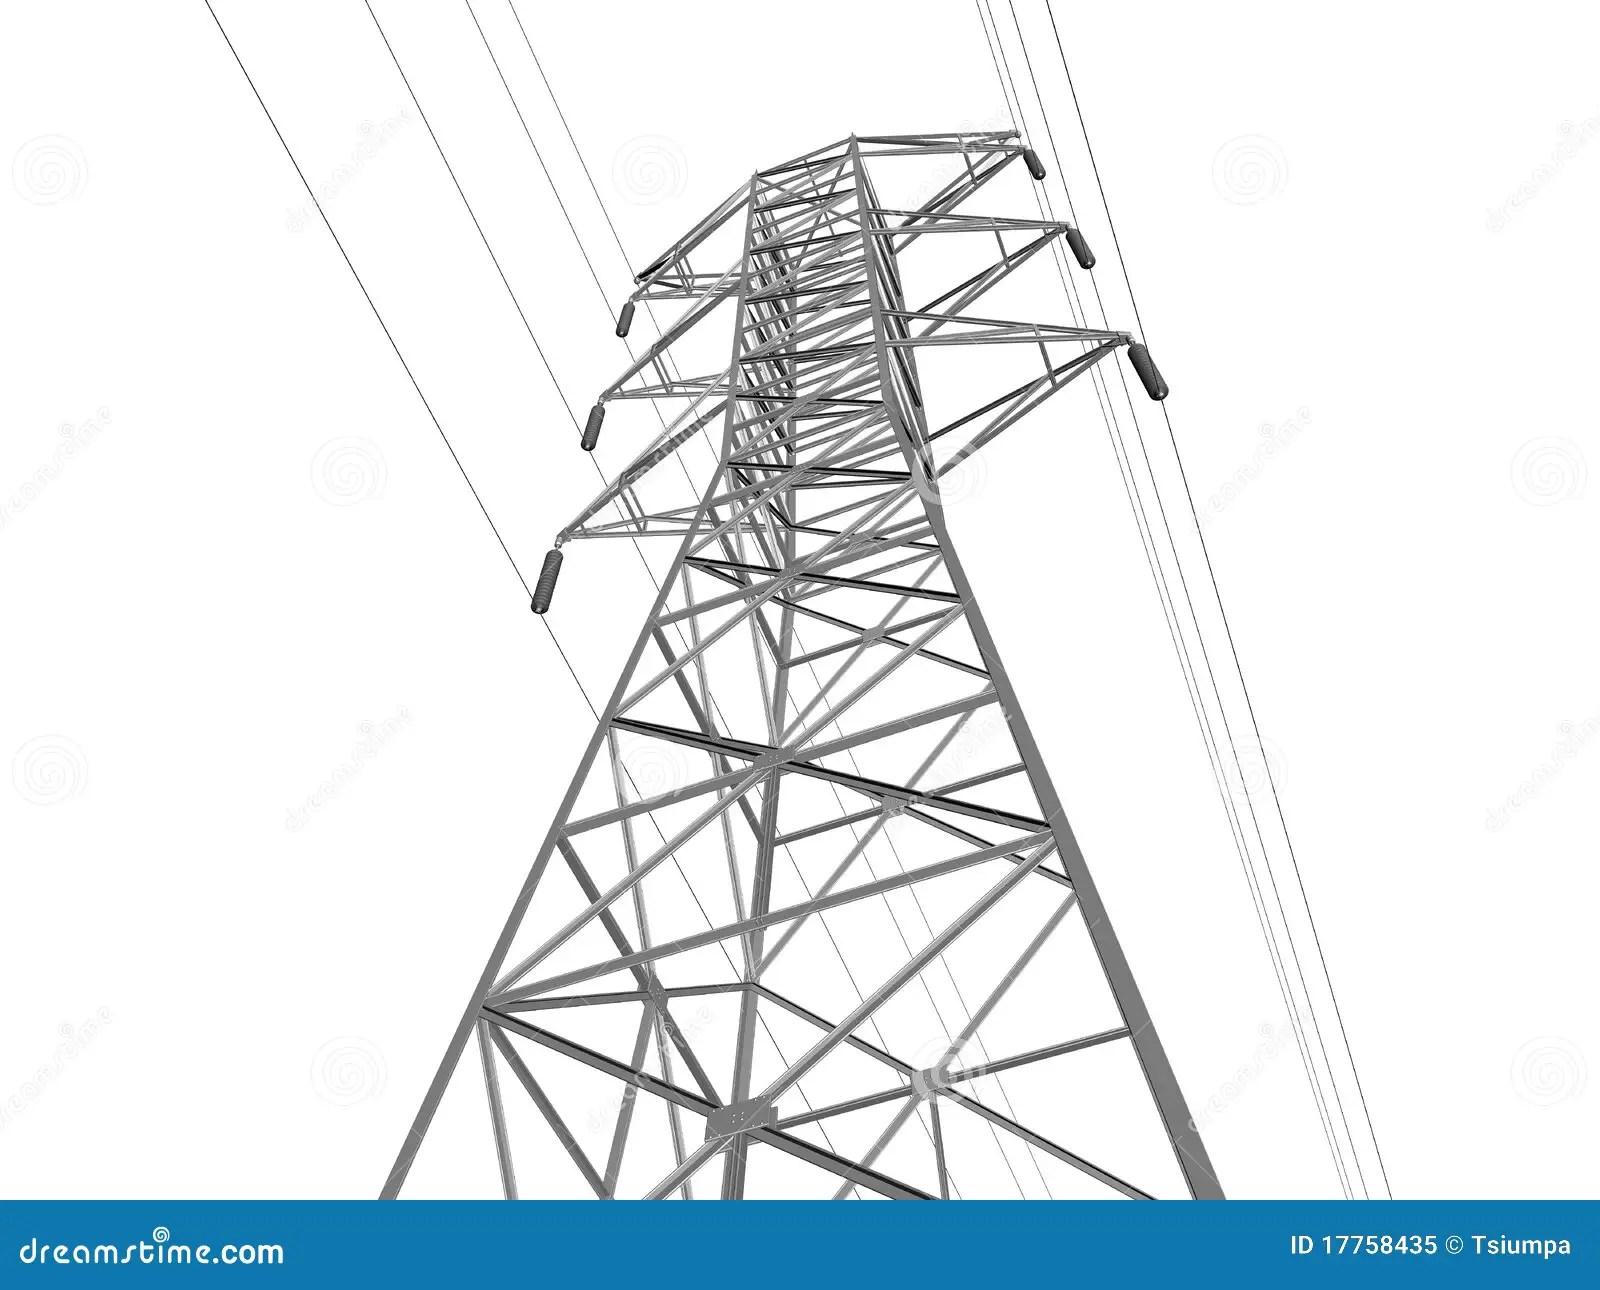 Linha De Transmissao Eletrica Ilustracao Stock